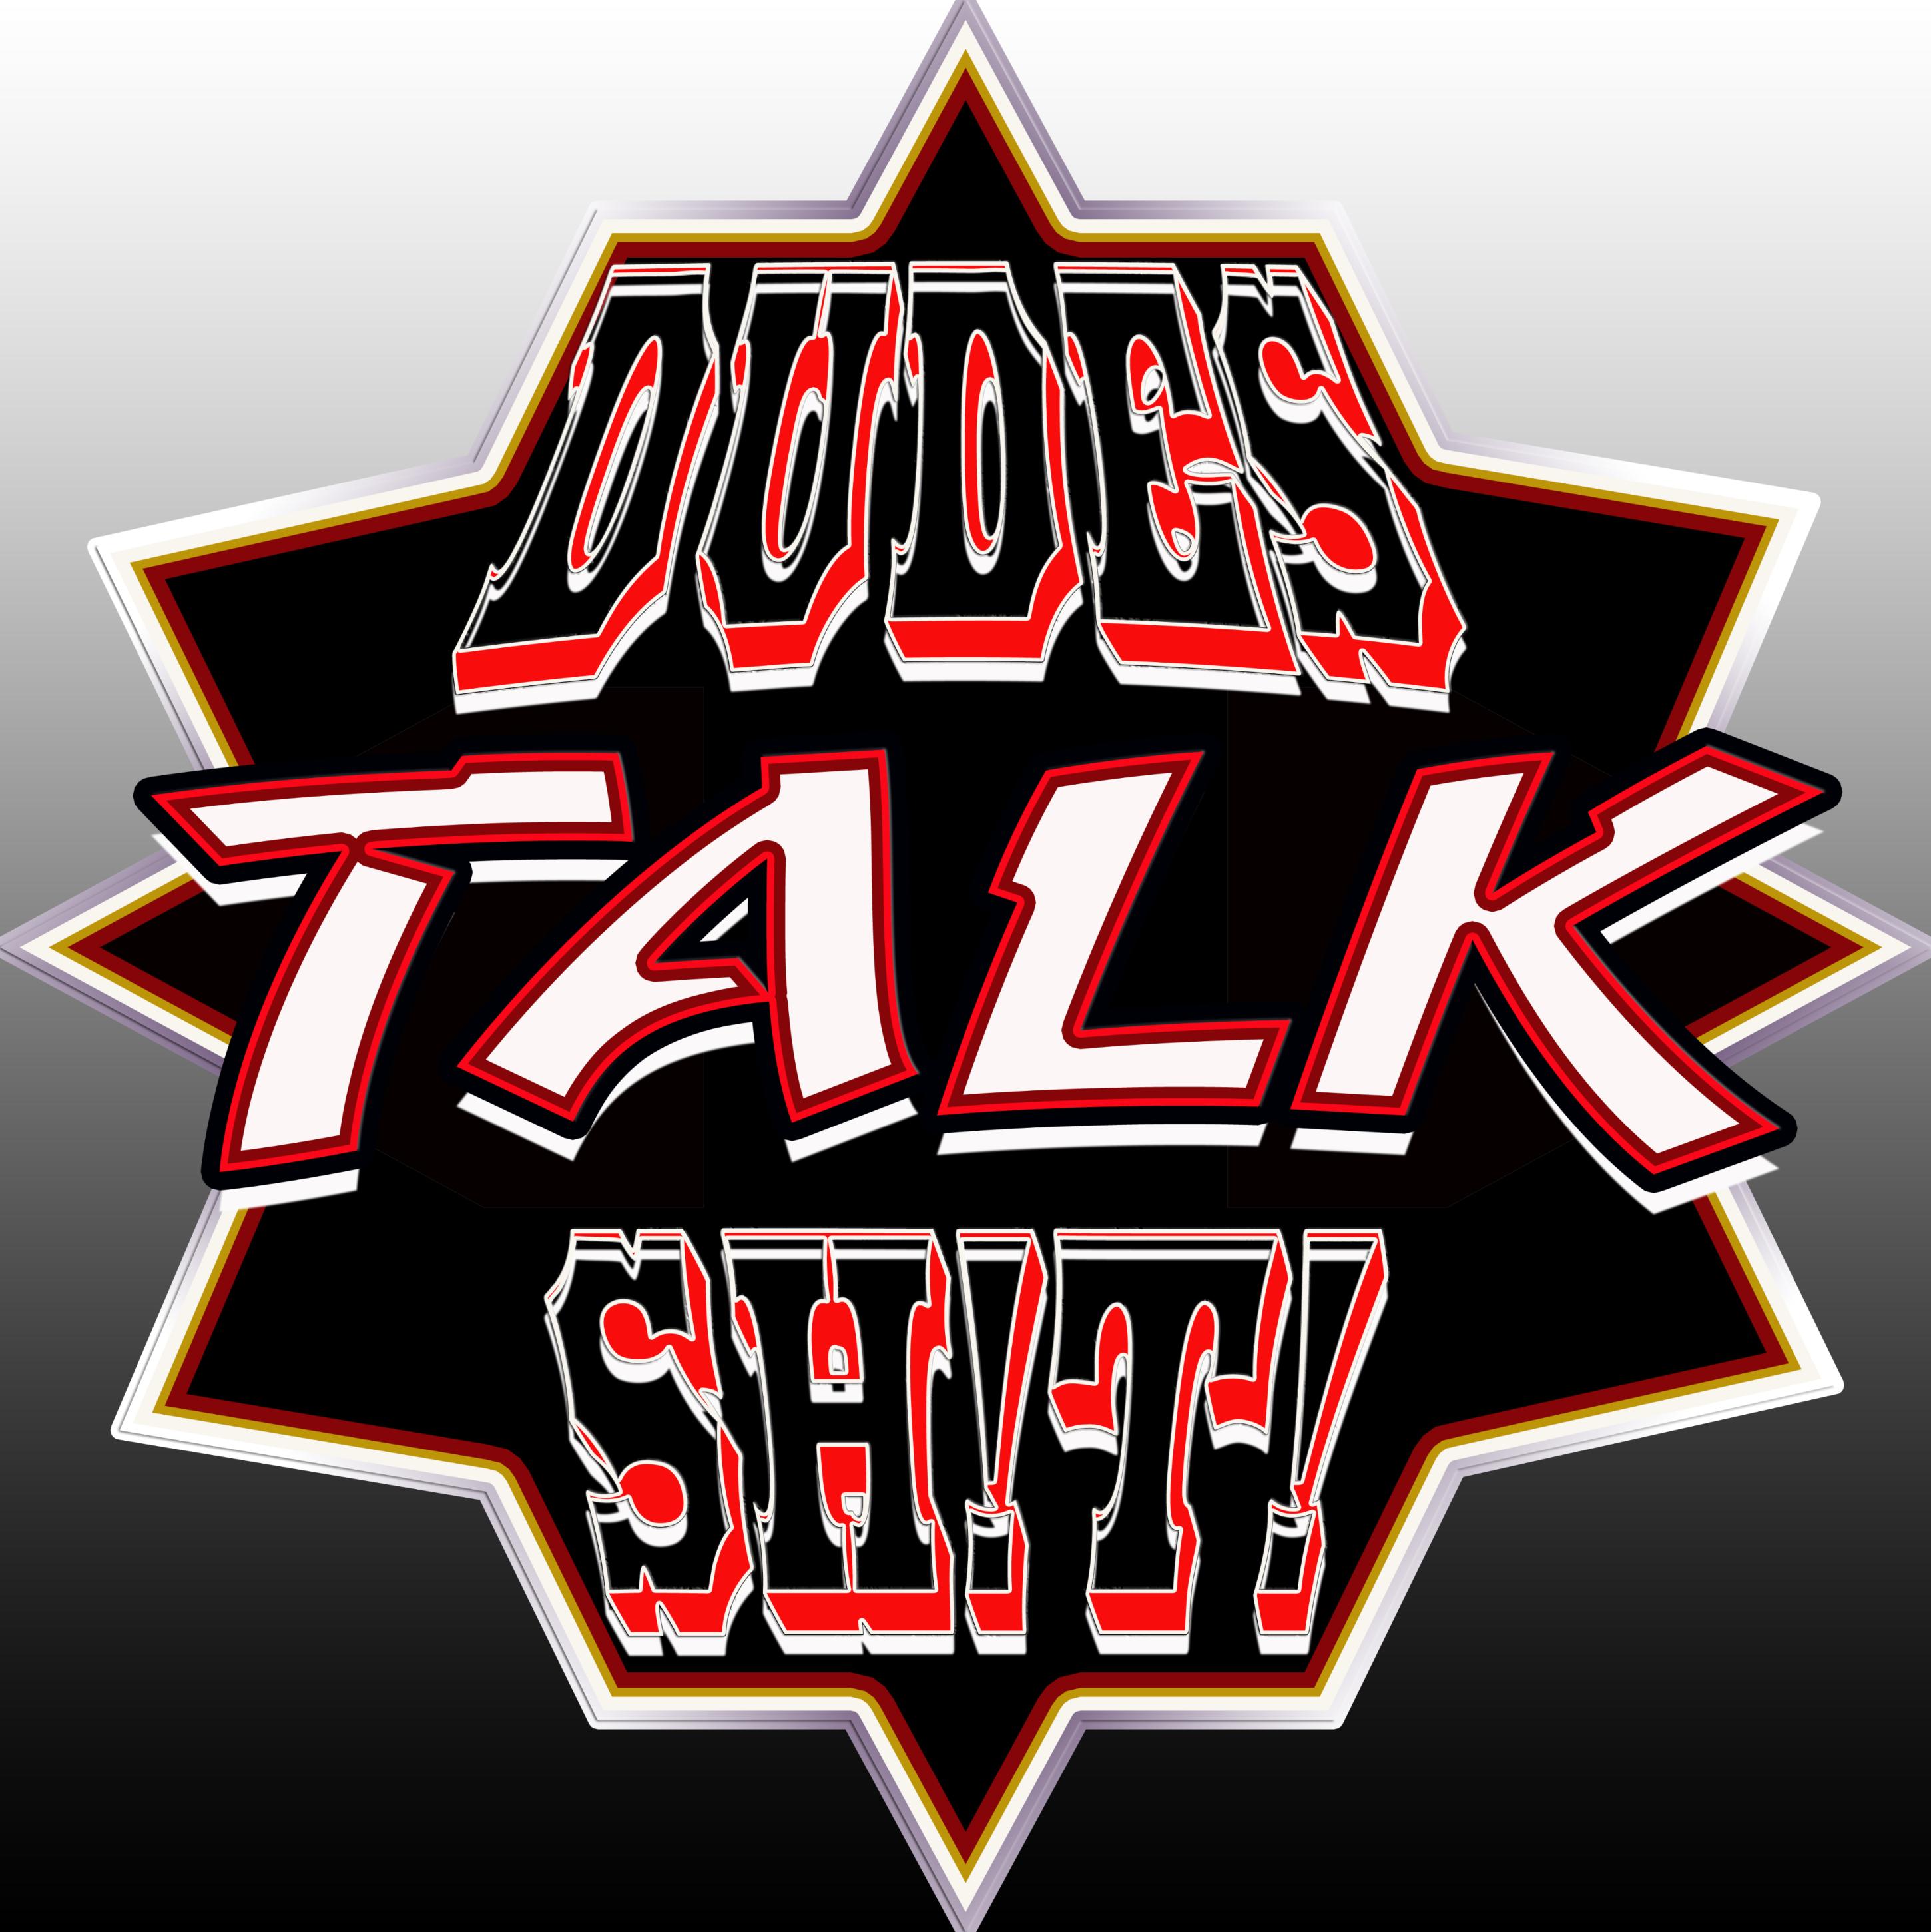 Dudes Talk Sh!t